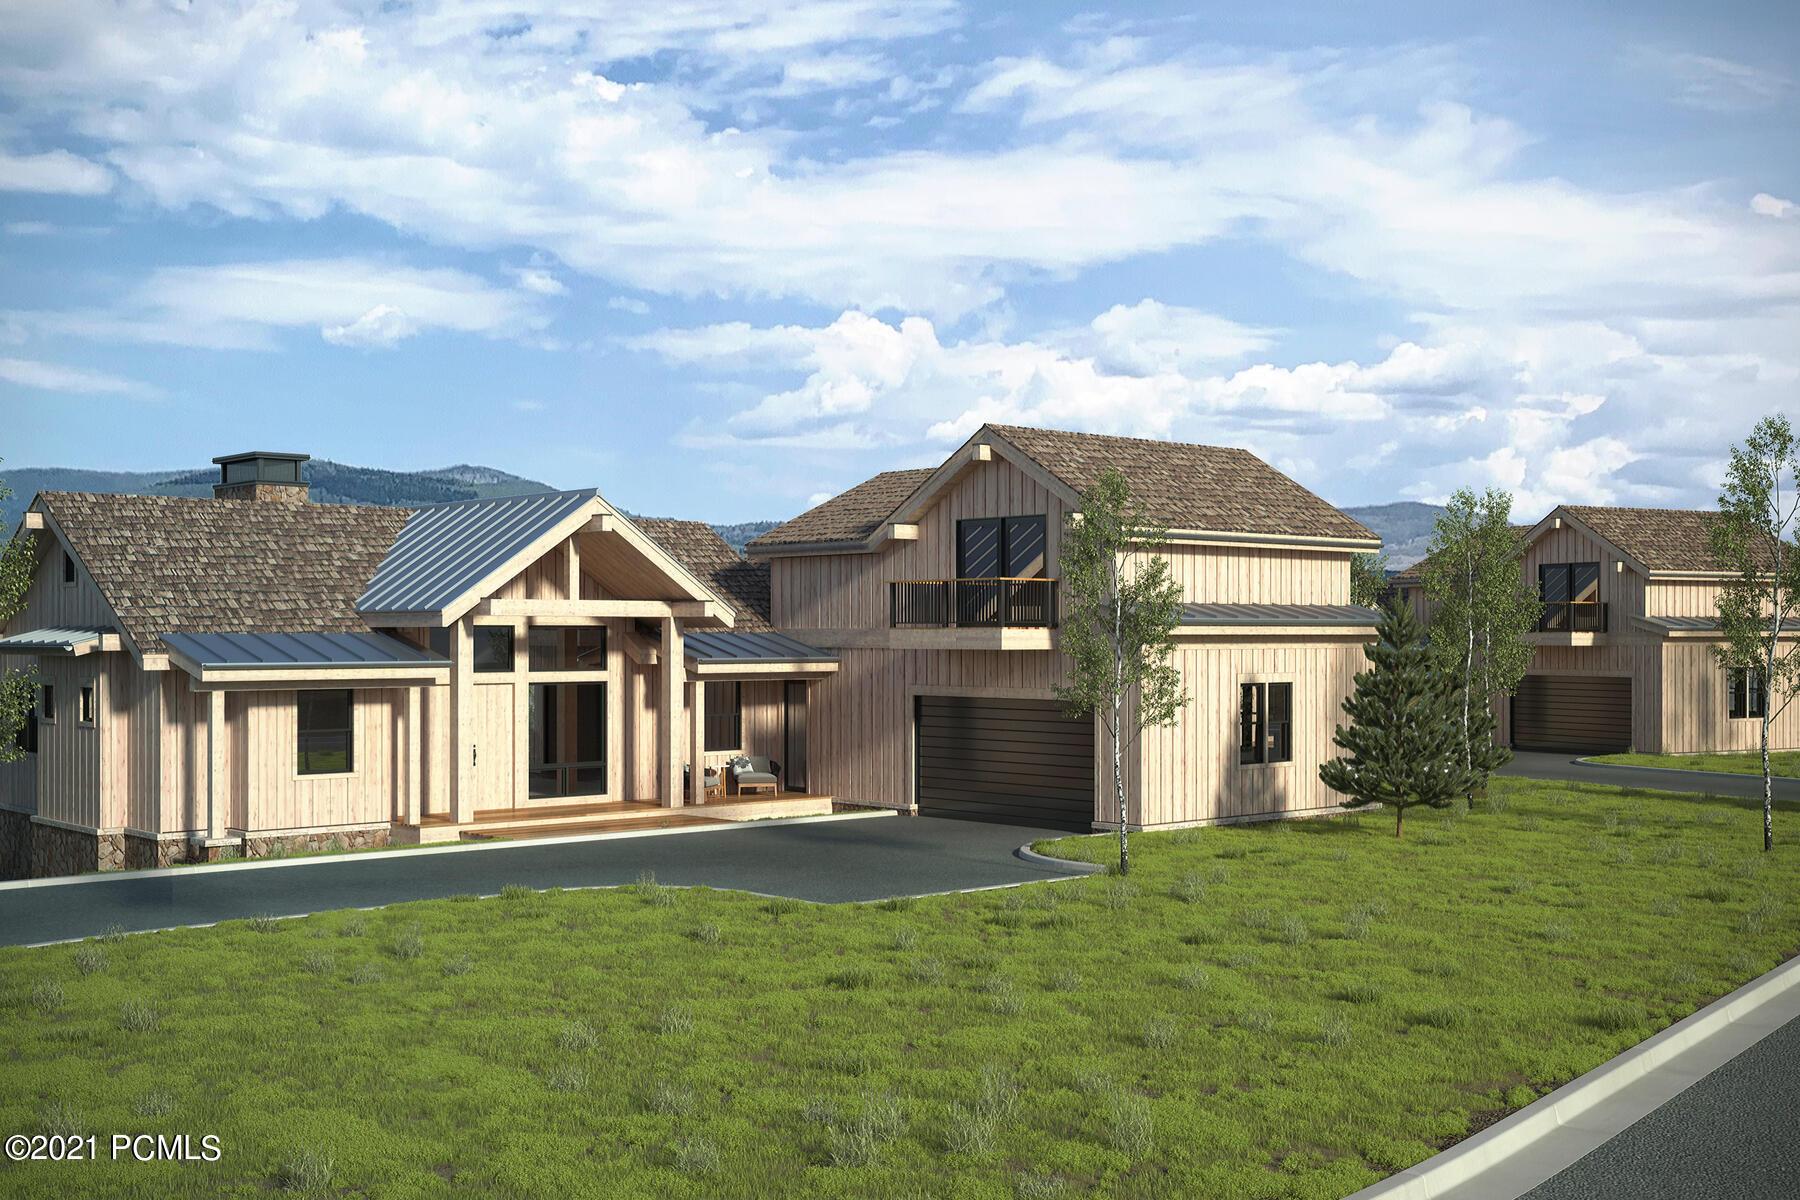 7559 Stardust Ct #318d, 5.4, Heber City, Utah 84032, 5 Bedrooms Bedrooms, ,6 BathroomsBathrooms,Fractional Interest,For Sale,Stardust Ct #318d, 5.4,12100809